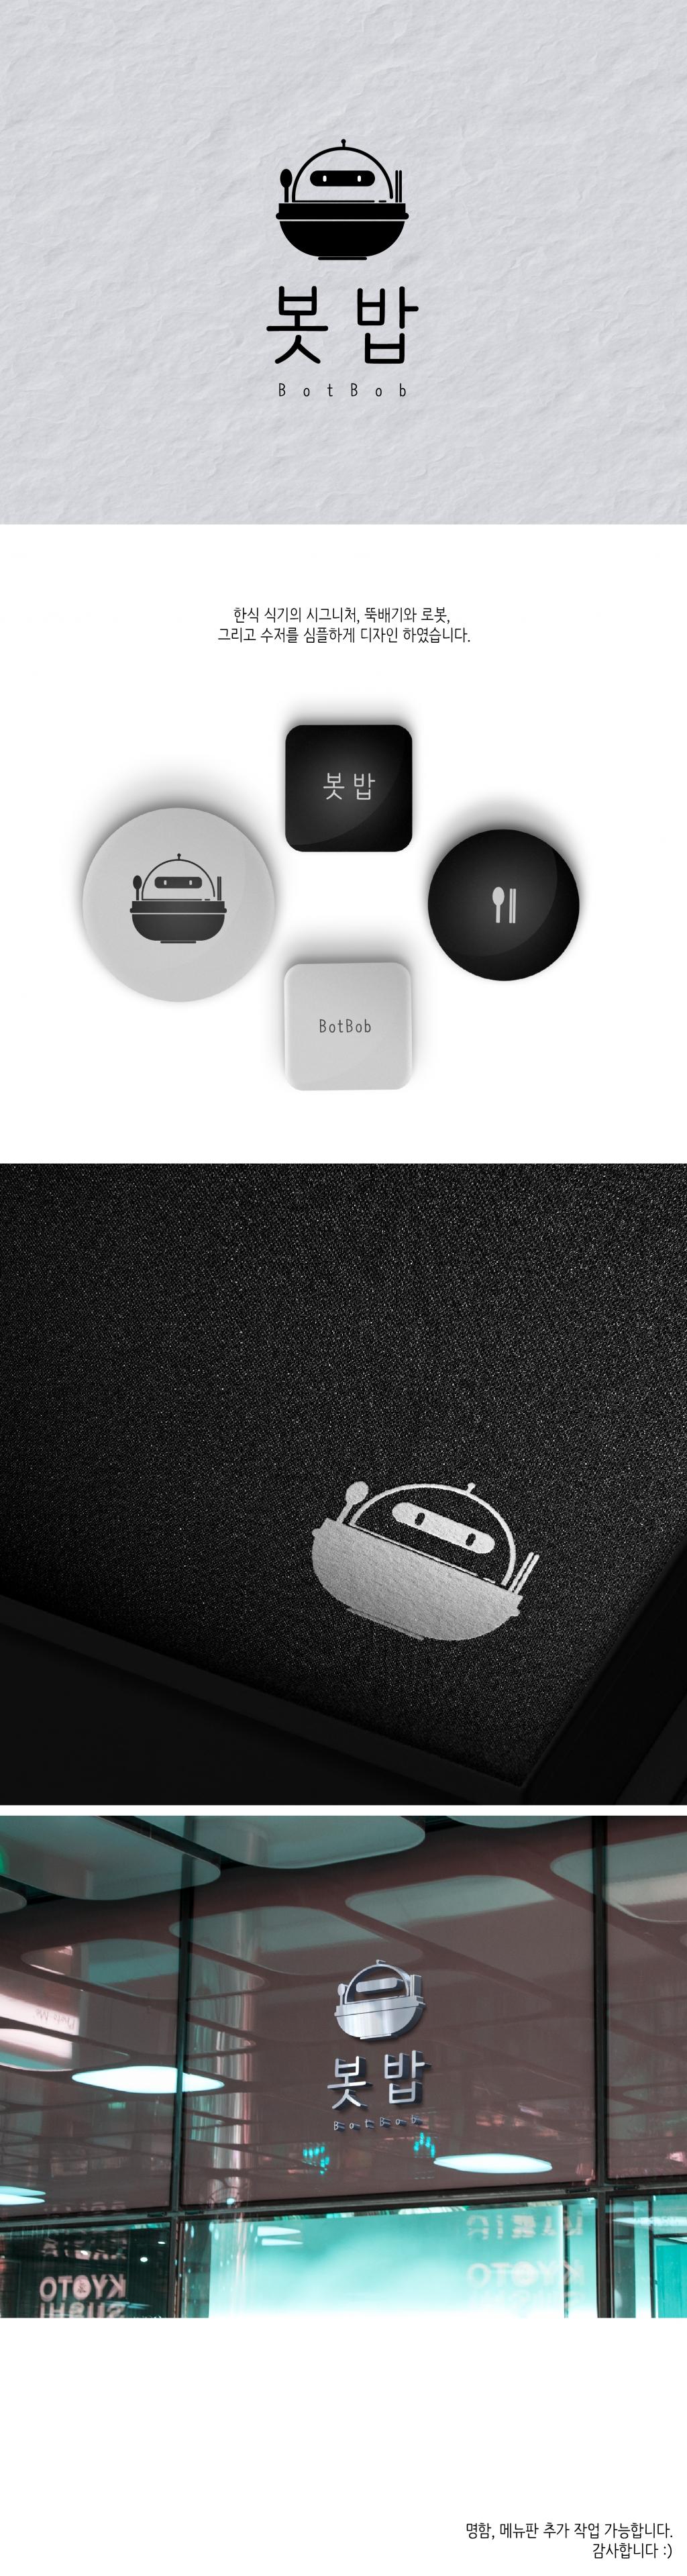 로고+간판 디자인 | 봇밥 로고 디자인 | 라우드소싱 포트폴리오